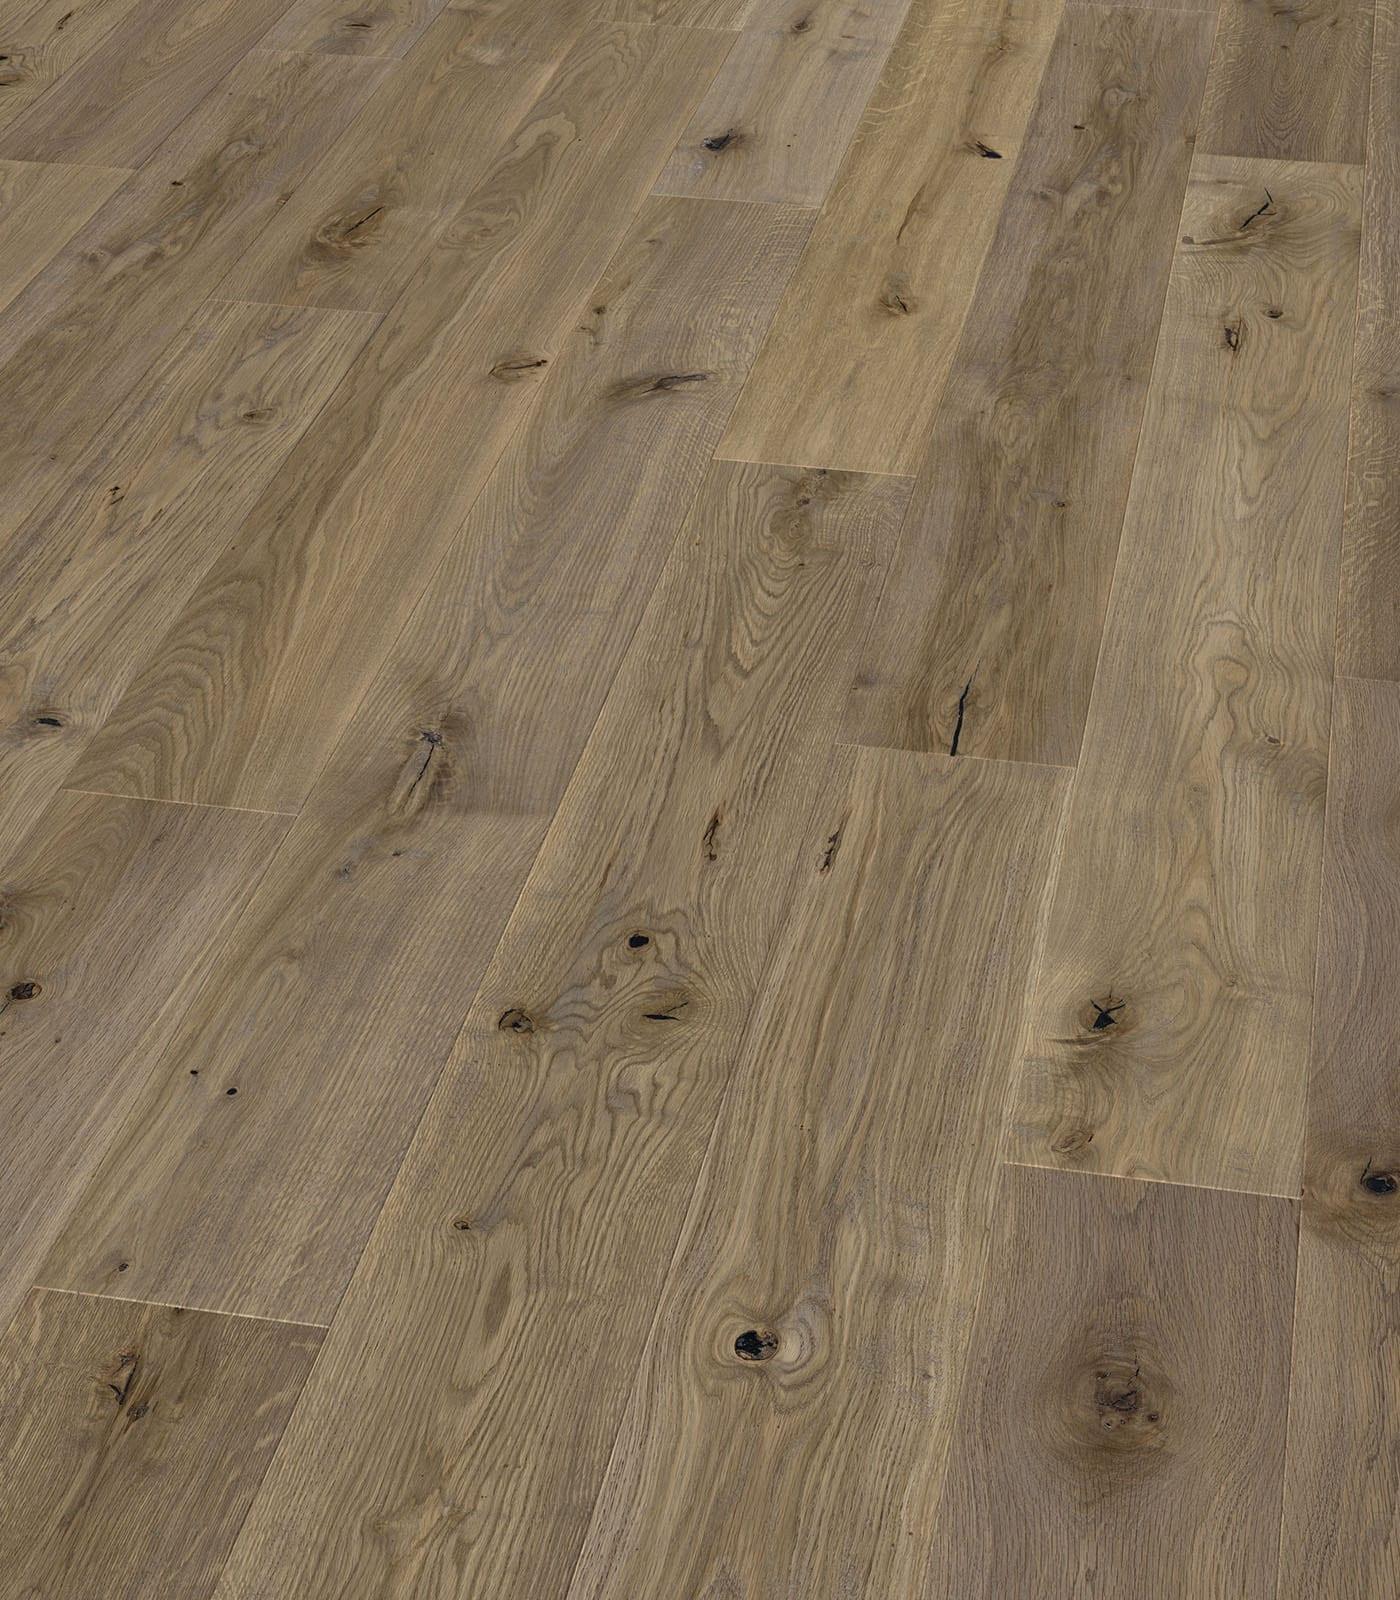 Etosha-European engineered oak flooring-angle